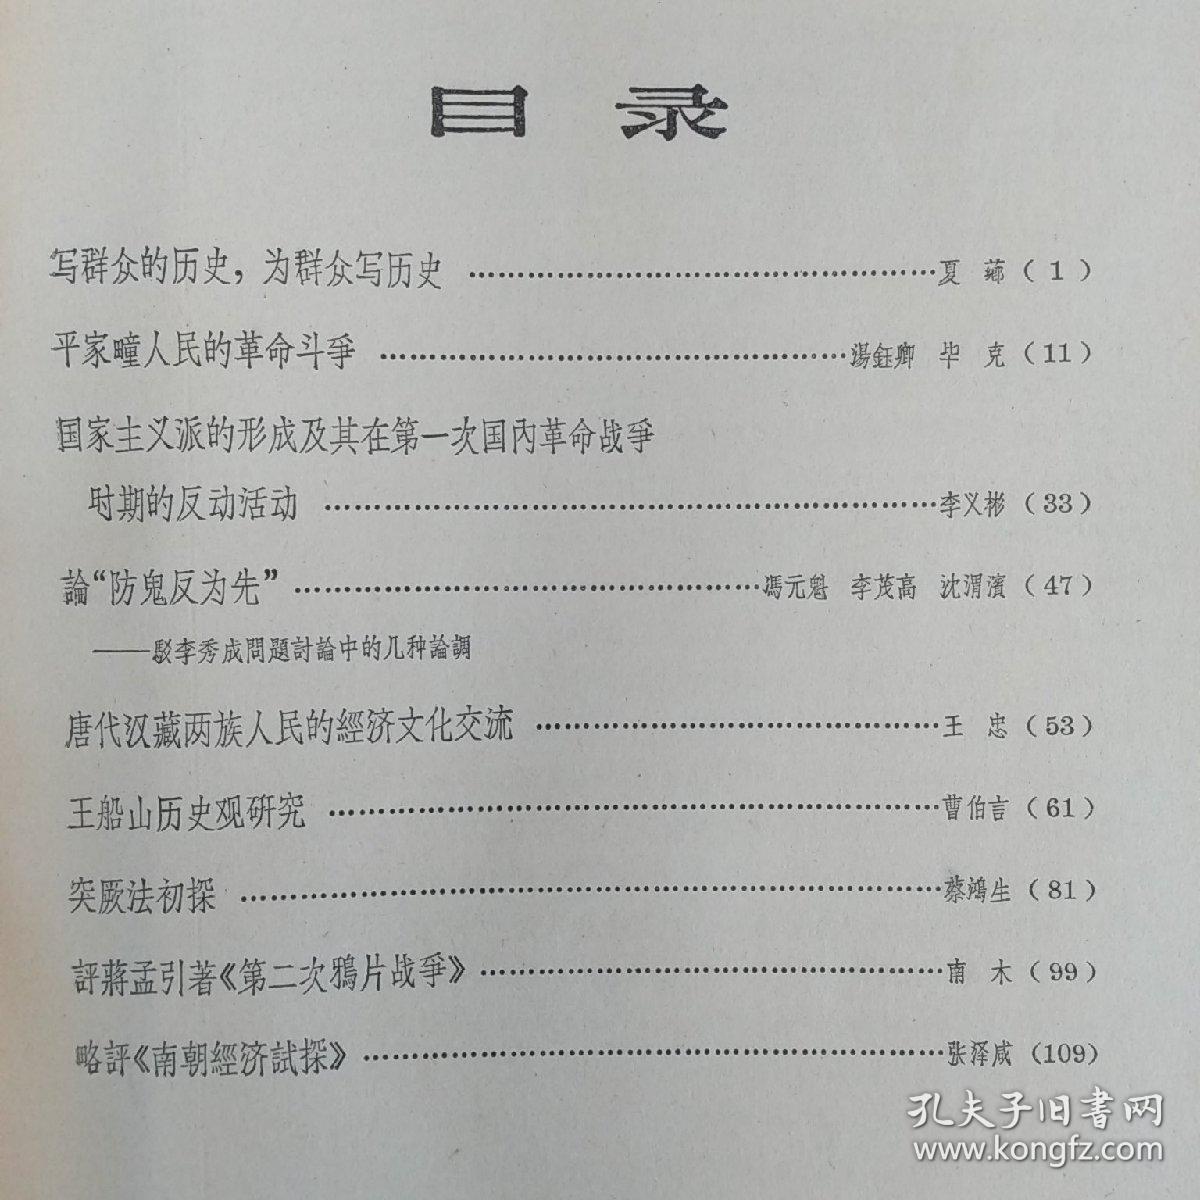 一起卖,含季羡林先生的《原始佛教的起源历史问题》等文章资料抗疲劳初中生图片